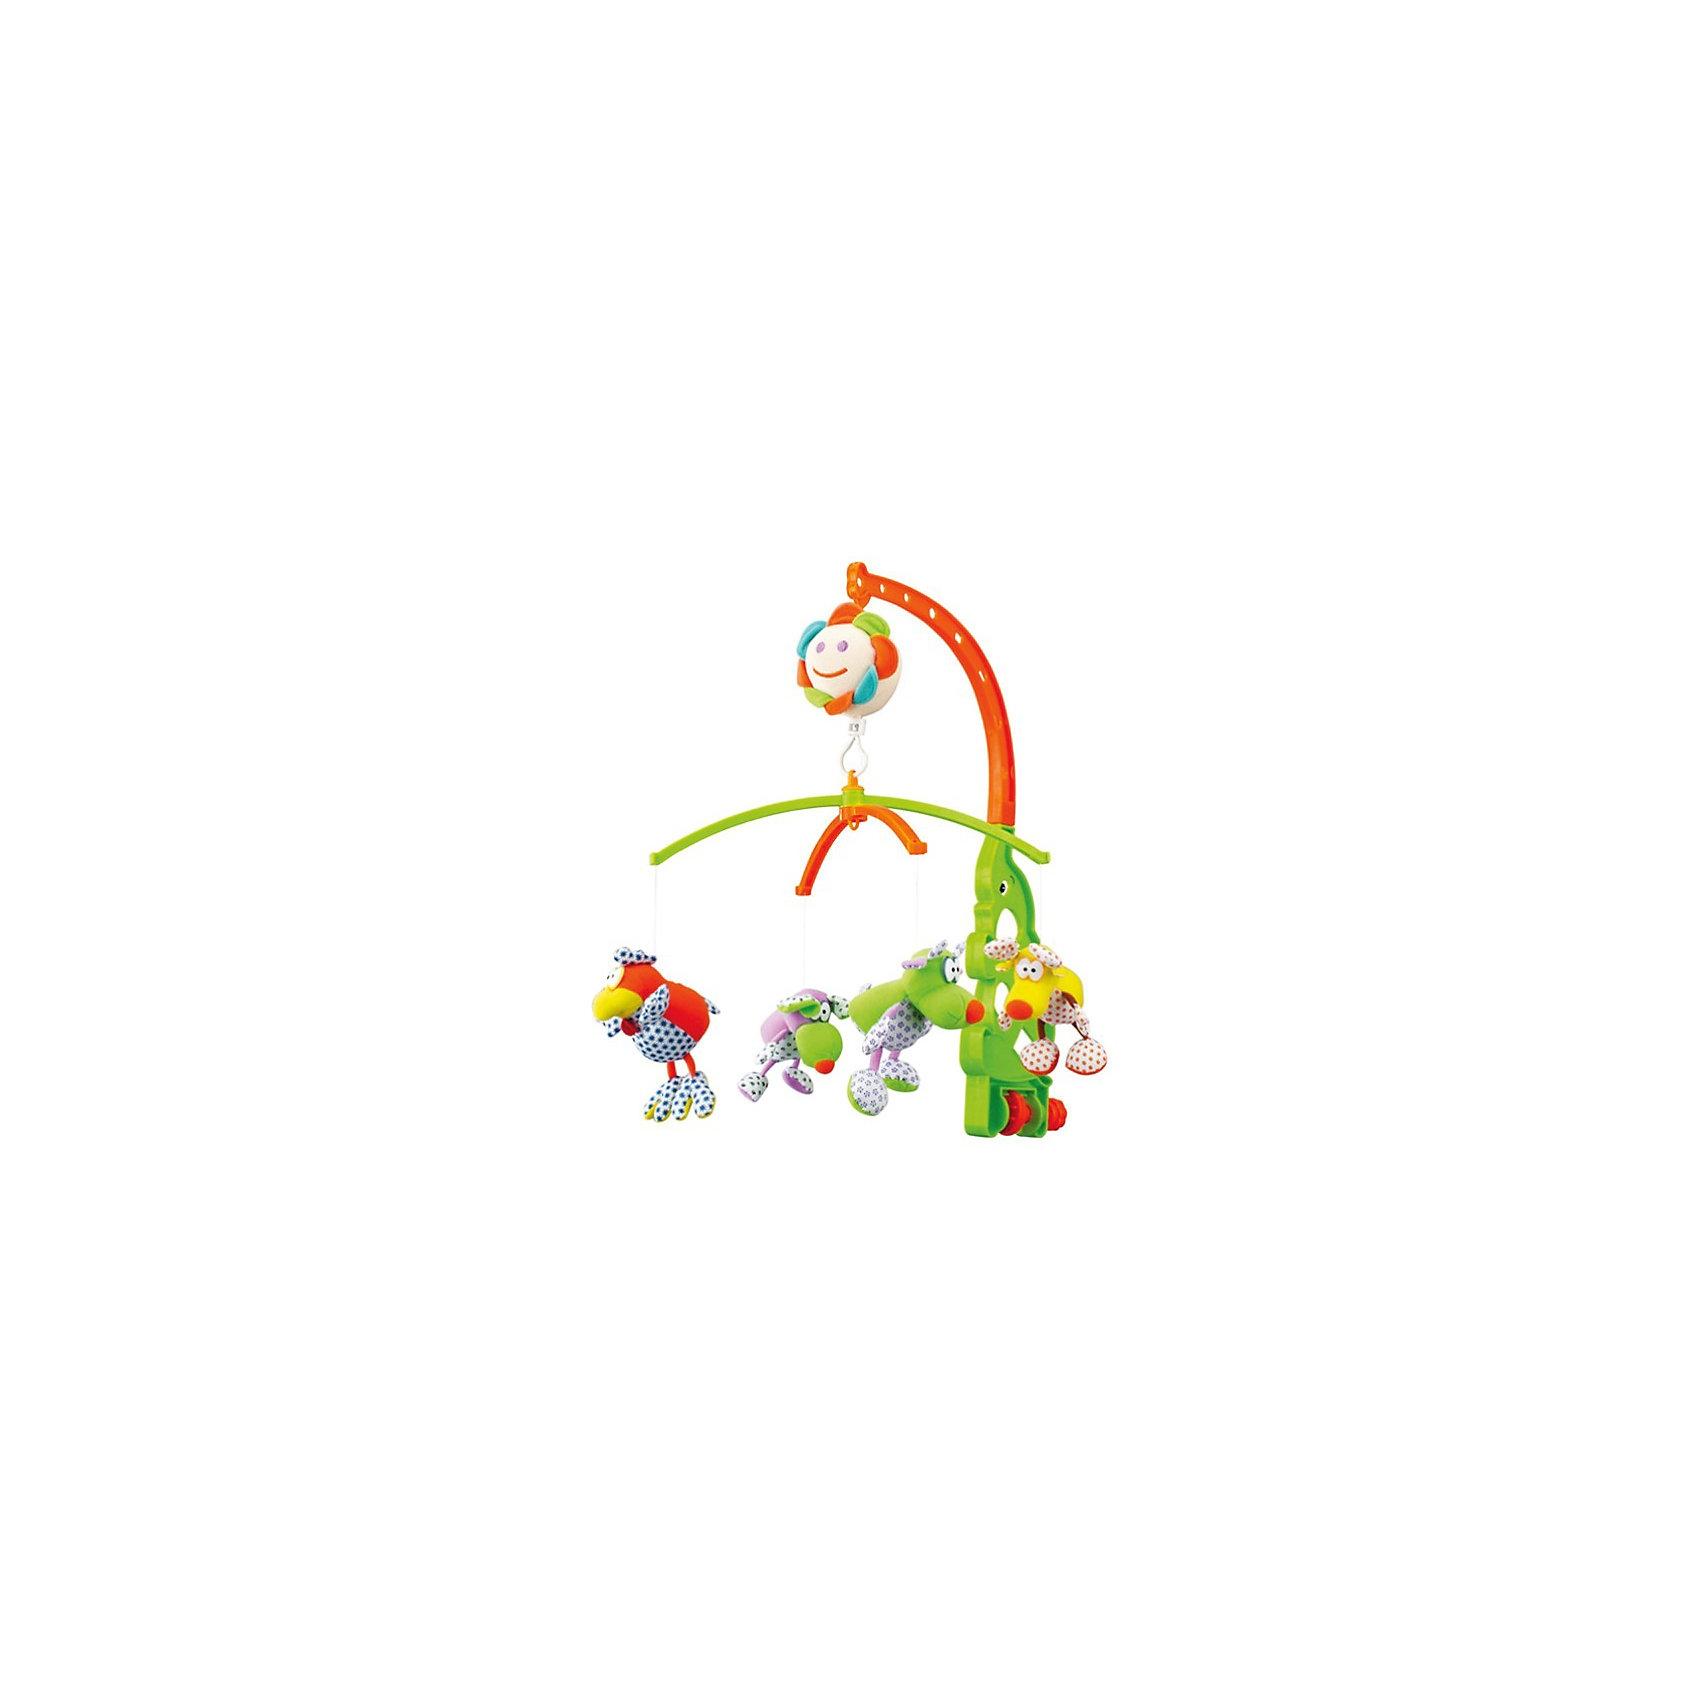 Музыкальная мягкая игрушка-карусель Веселые зверюшки, Canpol BabiesМузыкальная мягкая игрушка-карусель Веселые зверюшки Canpol Babies (Канпол Бэйбиз) крепится на кроватку и сделает времяпрепровождение Вашего малыша в кроватке еще интереснее! <br><br>Красочные мягкие игрушки крутятся, тем самым помогая малышу научиться фокусировать зрение. Приятная мелодия музыкальной шкатулки сможет успокоить ребенка и помочь быстрее и крепче заснуть. Каждую из игрушек можно отстегнуть и дать ребенку познакомиться с ними поближе.<br><br>Музыкальная мягкая игрушка-карусель Веселые зверюшки Canpol Babies предназначена для детей с рождения!<br><br>Дополнительная информация:<br><br>- Размеры упаковки: 38 х 28 х 6,5 см.<br>- Игрушки можно стирать согласно инструкции.<br>- Работает без батареек, от механического завода<br><br>Музыкальная мягкая игрушка-карусель Веселые зверюшки, Canpol Babies можно купитьв нашем магазине.<br><br>Ширина мм: 380<br>Глубина мм: 280<br>Высота мм: 65<br>Вес г: 656<br>Возраст от месяцев: 0<br>Возраст до месяцев: 36<br>Пол: Унисекс<br>Возраст: Детский<br>SKU: 3260492